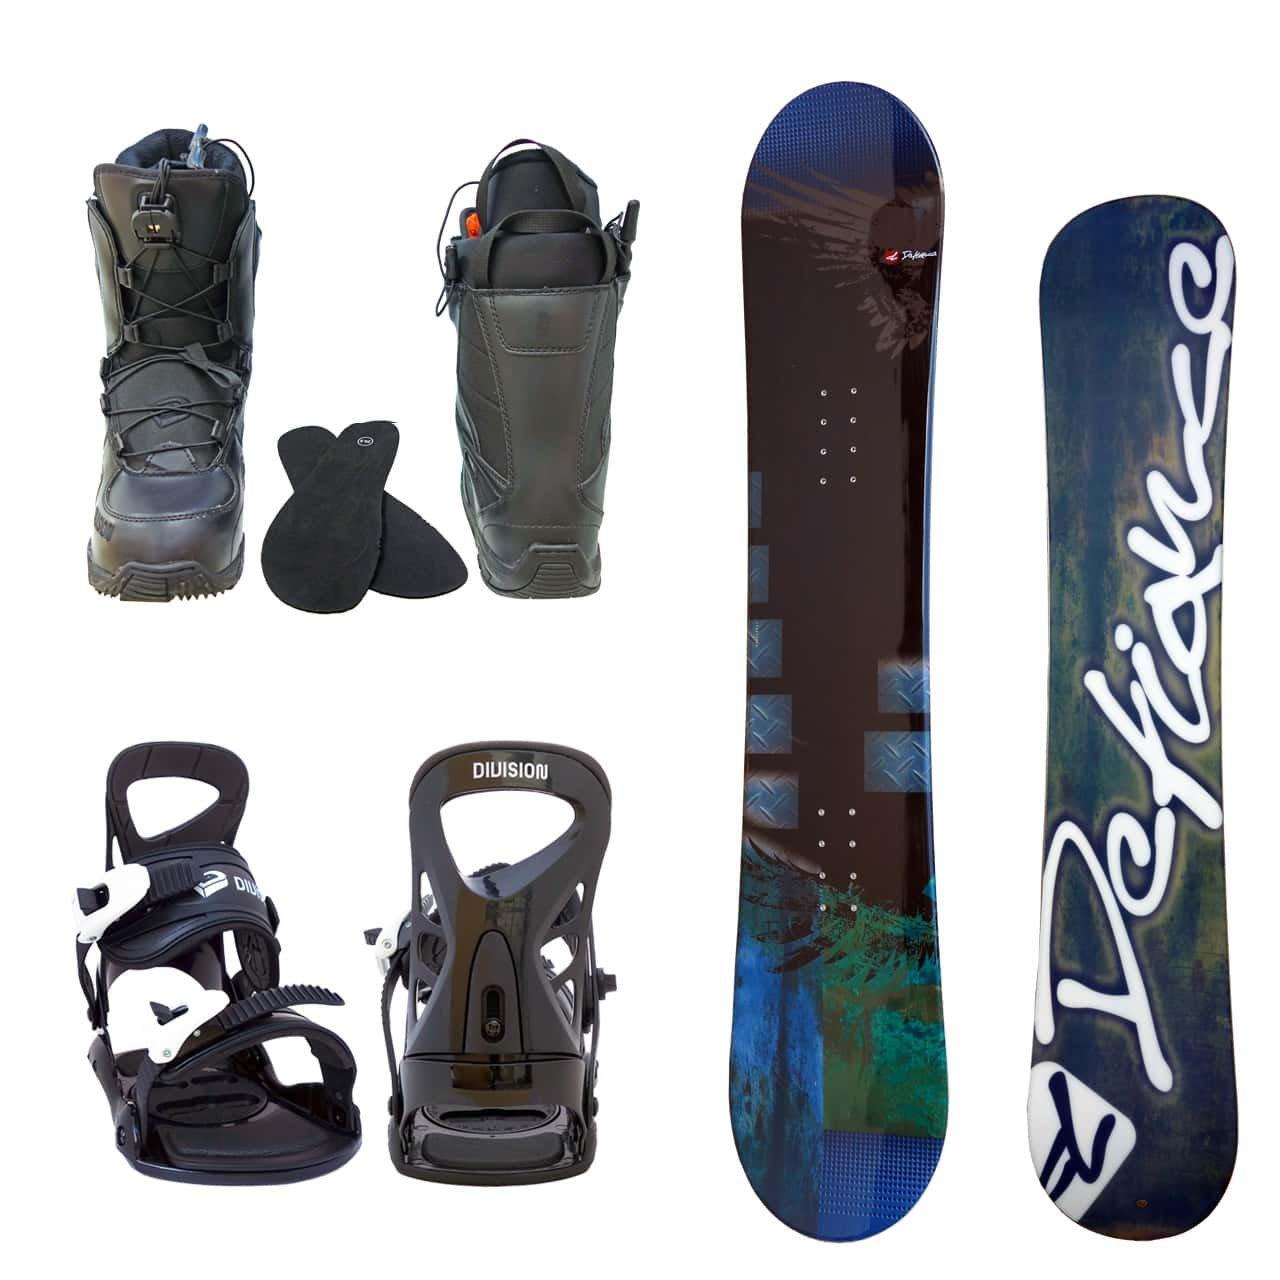 メンズ スノーボード3点セット スノボー+バインディング+クイックシューレースブーツ B078ZTHH9M ボード 152+ブーツ 26.0|ボード ブルー+binding ブラック+bootsブラック ボード ブルー+binding ブラック+bootsブラック ボード 152+ブーツ 26.0